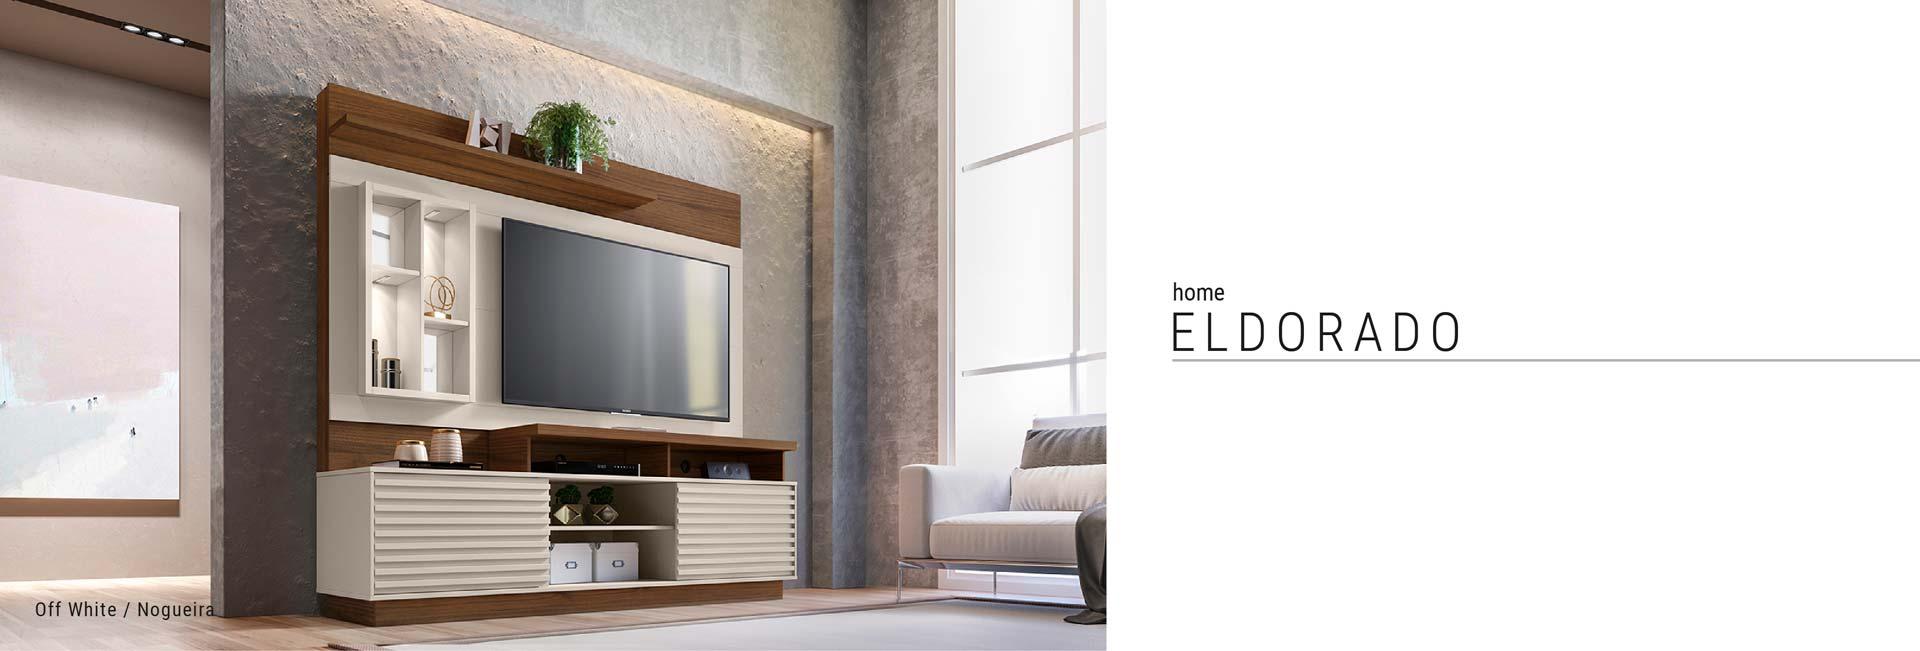 Home para TV Eldorado